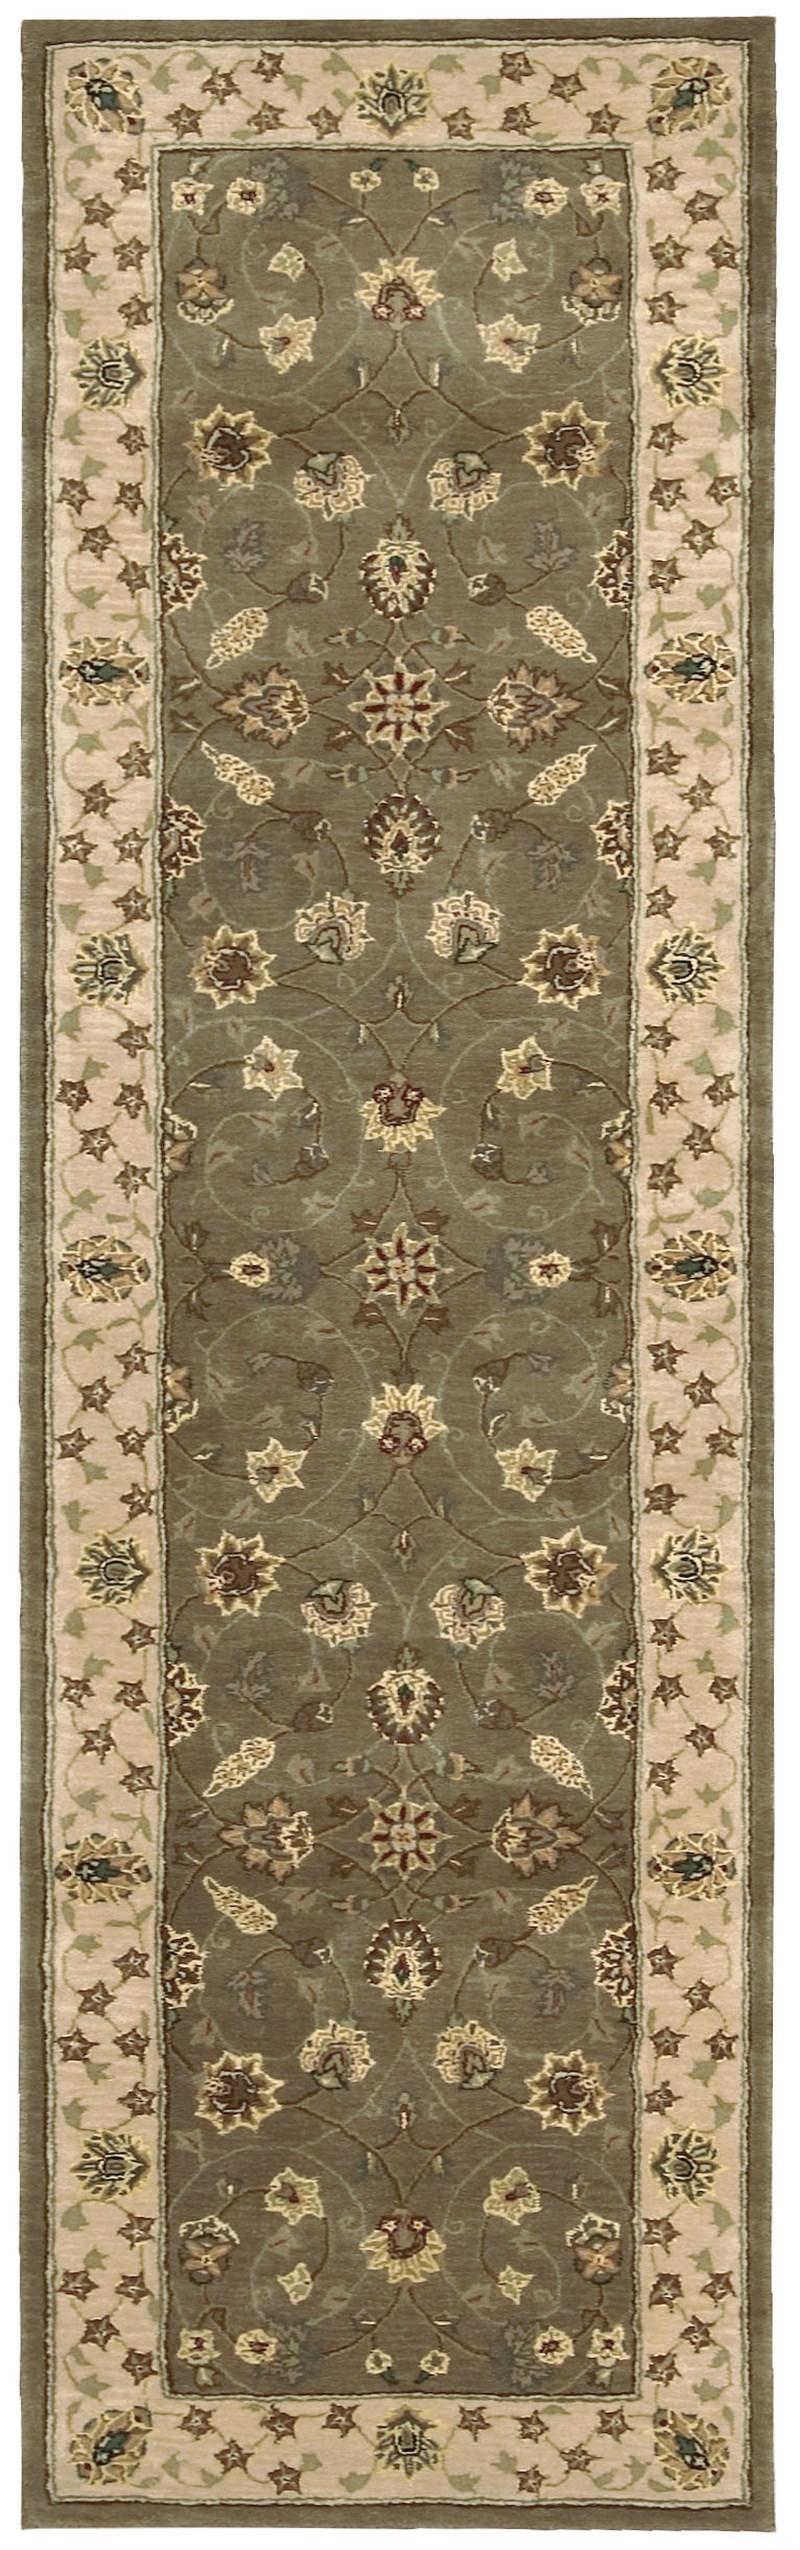 nourison-nourison-2000-126-olive-rug